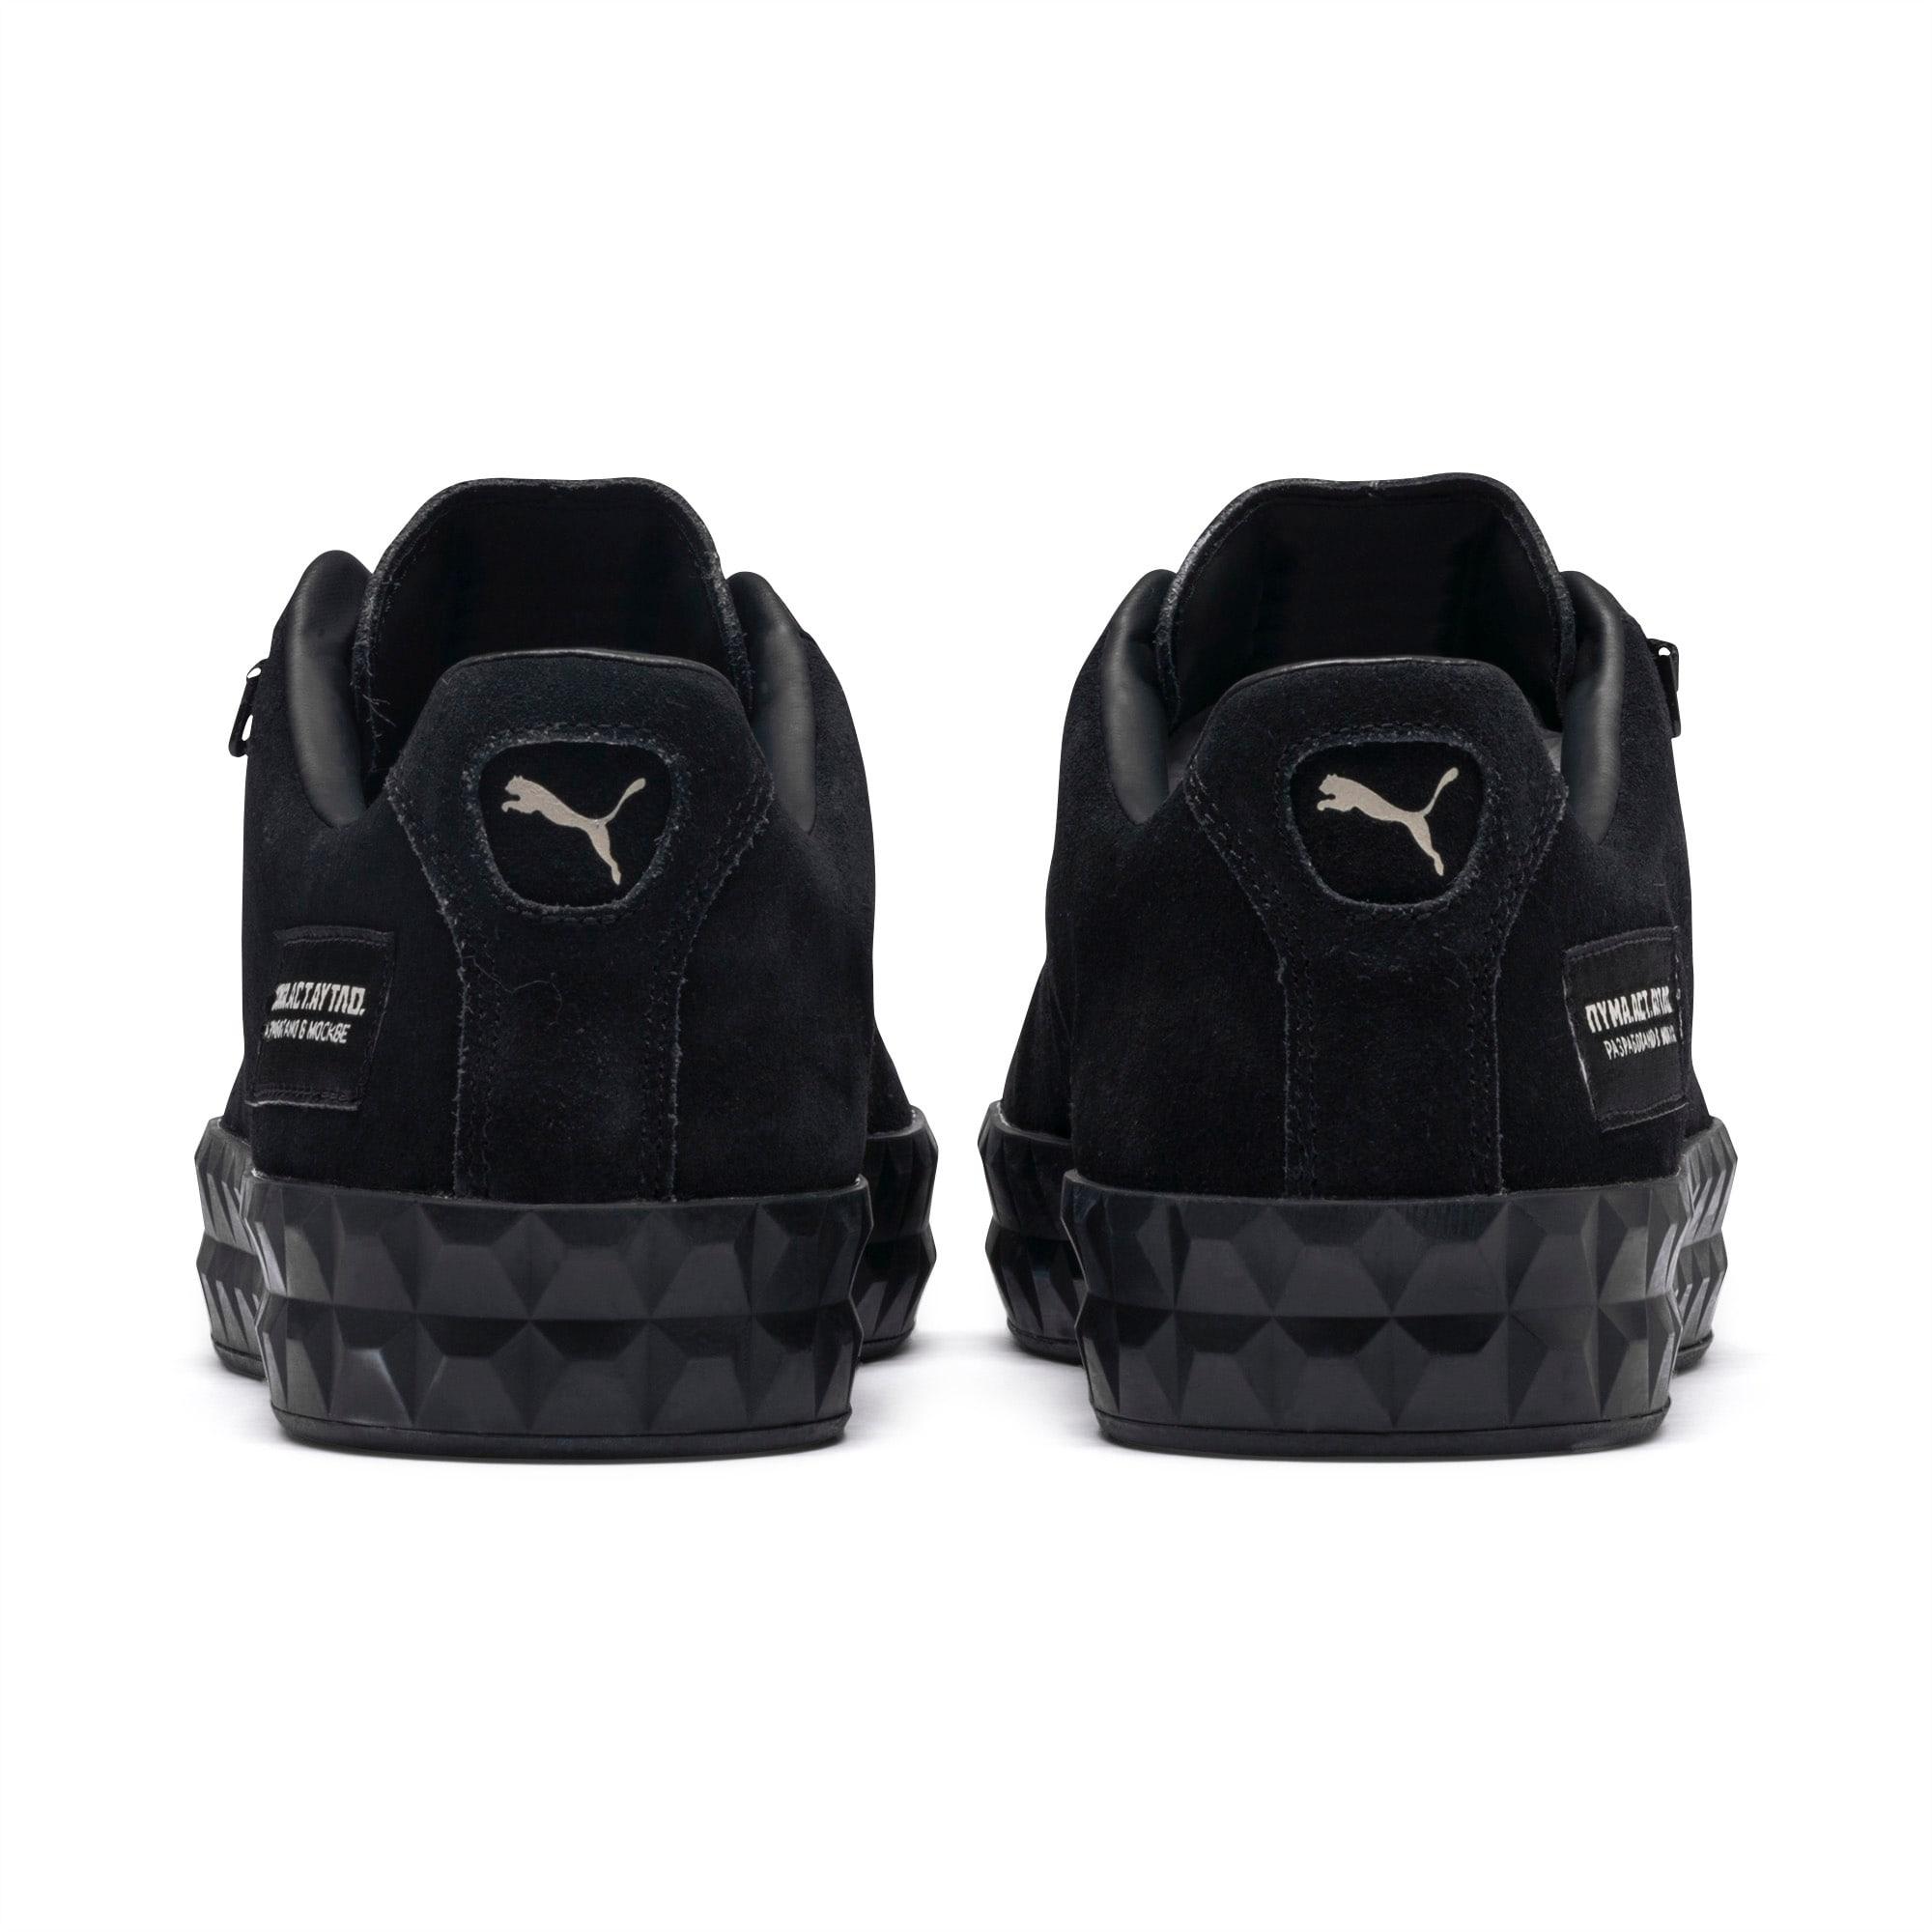 Tomate siga adelante Aislar  PUMA x OUTLAW MOSCOW Court Platform Sneakers | PUMA US